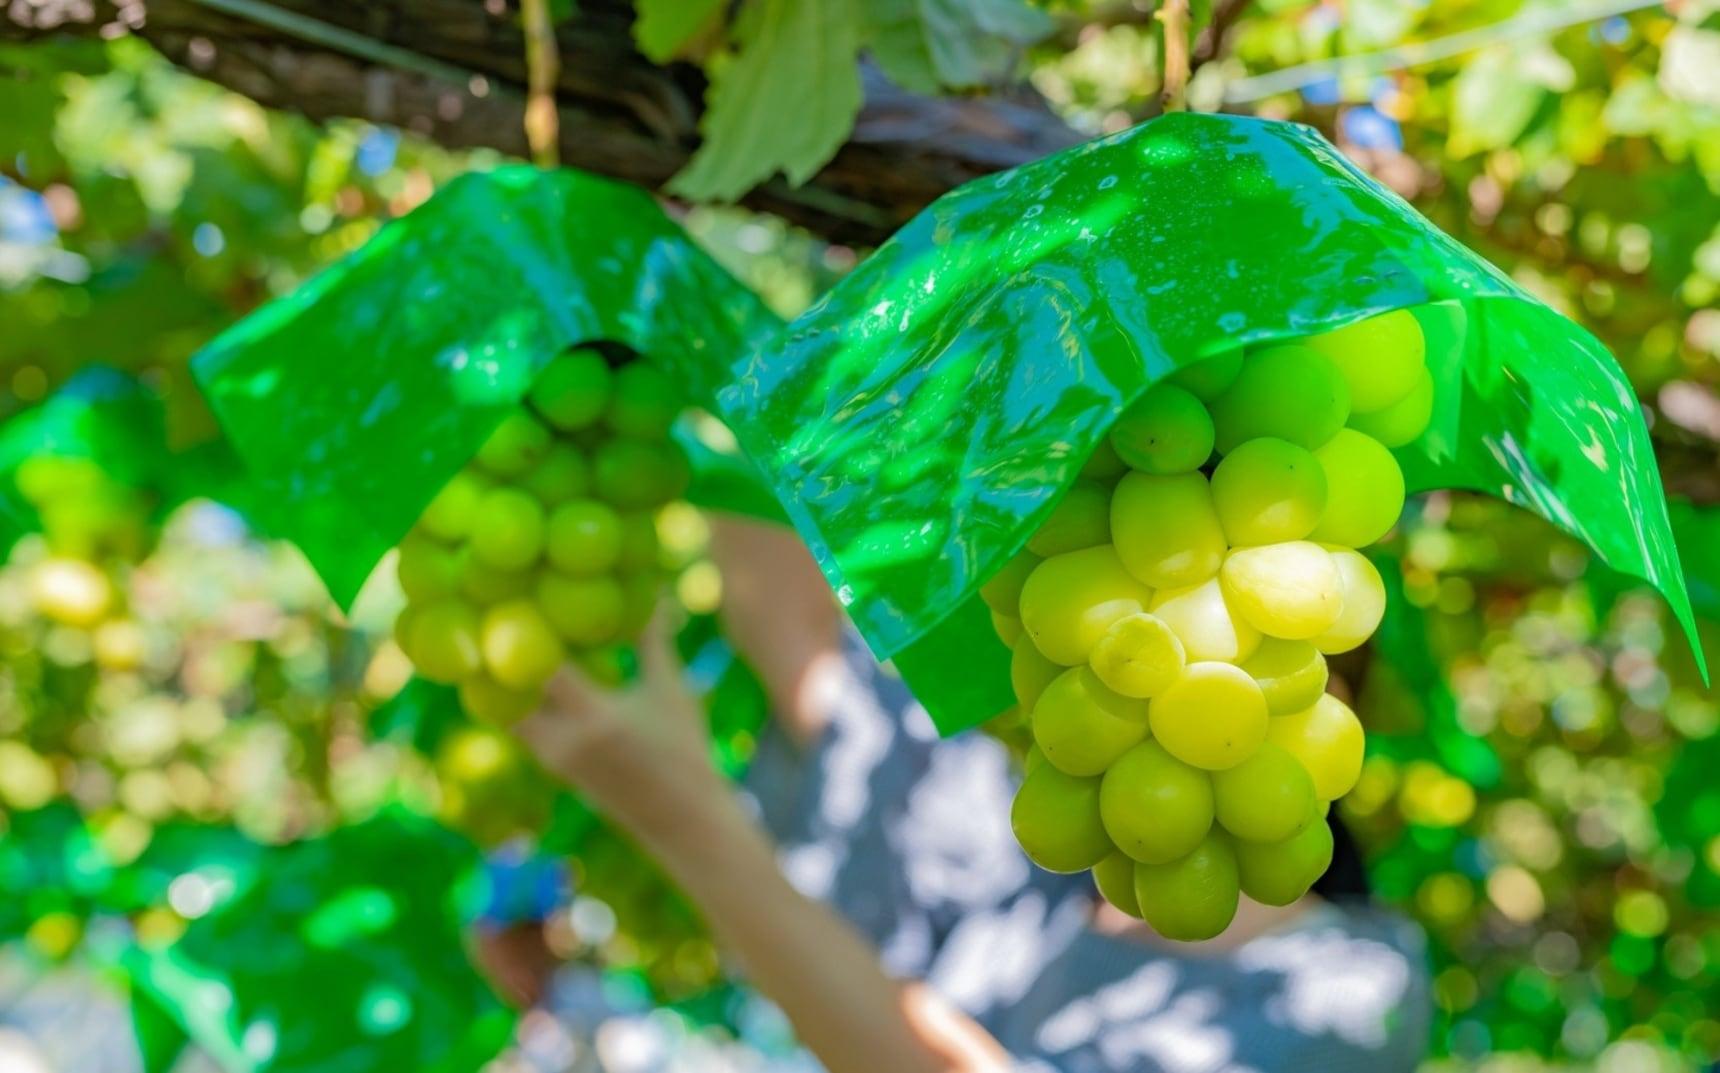 日本山梨:夏季水果超美味!葡萄・樱桃・水蜜桃边摘边吃根本停不下来(采摘园大全)